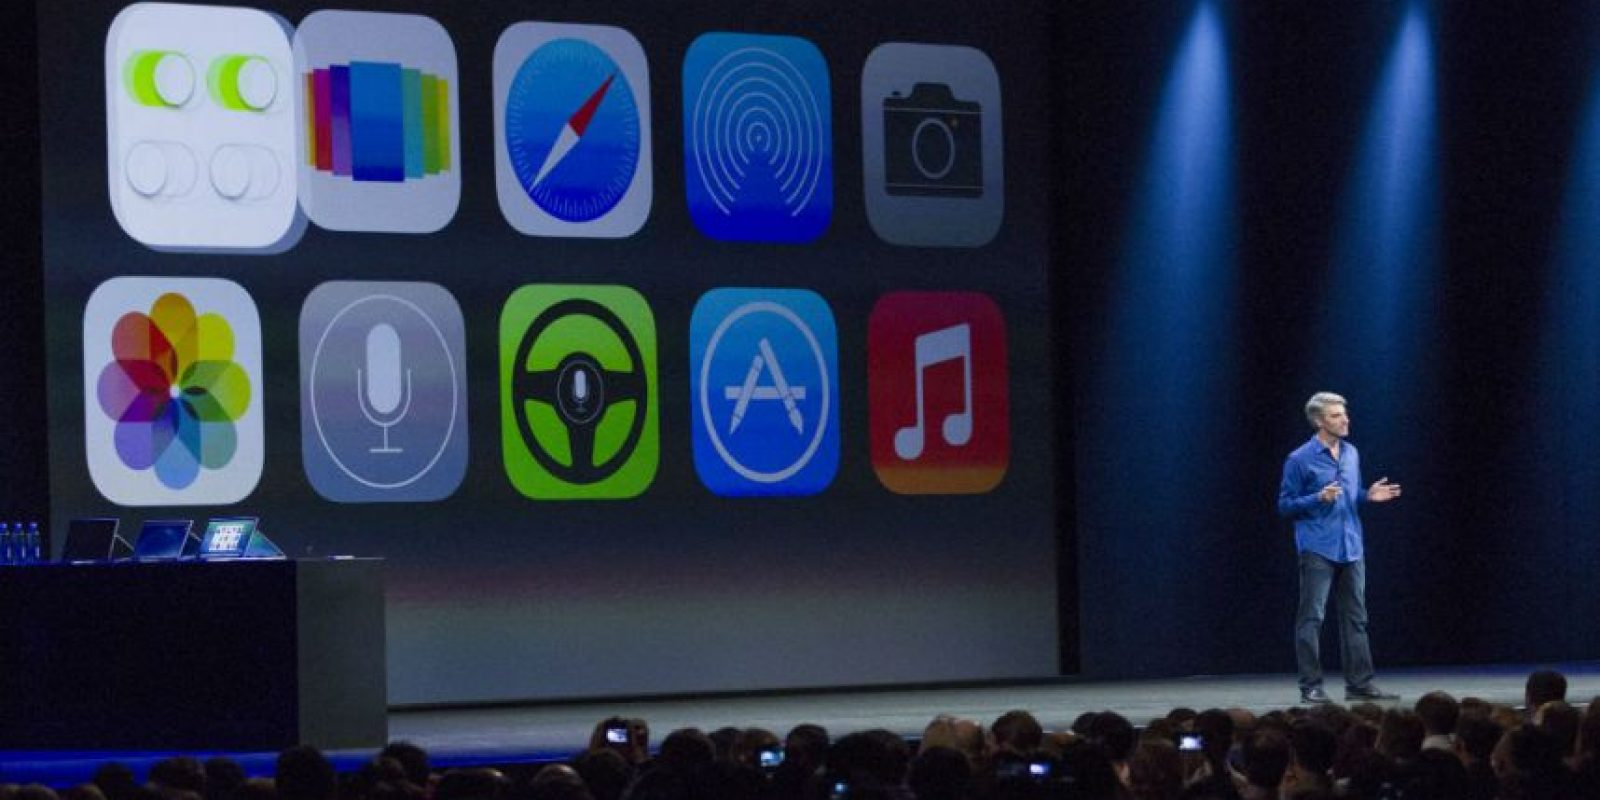 El primer error que apareció con iOS 9.3 fue el de activación, principalmente en iPads. Foto:Getty Images